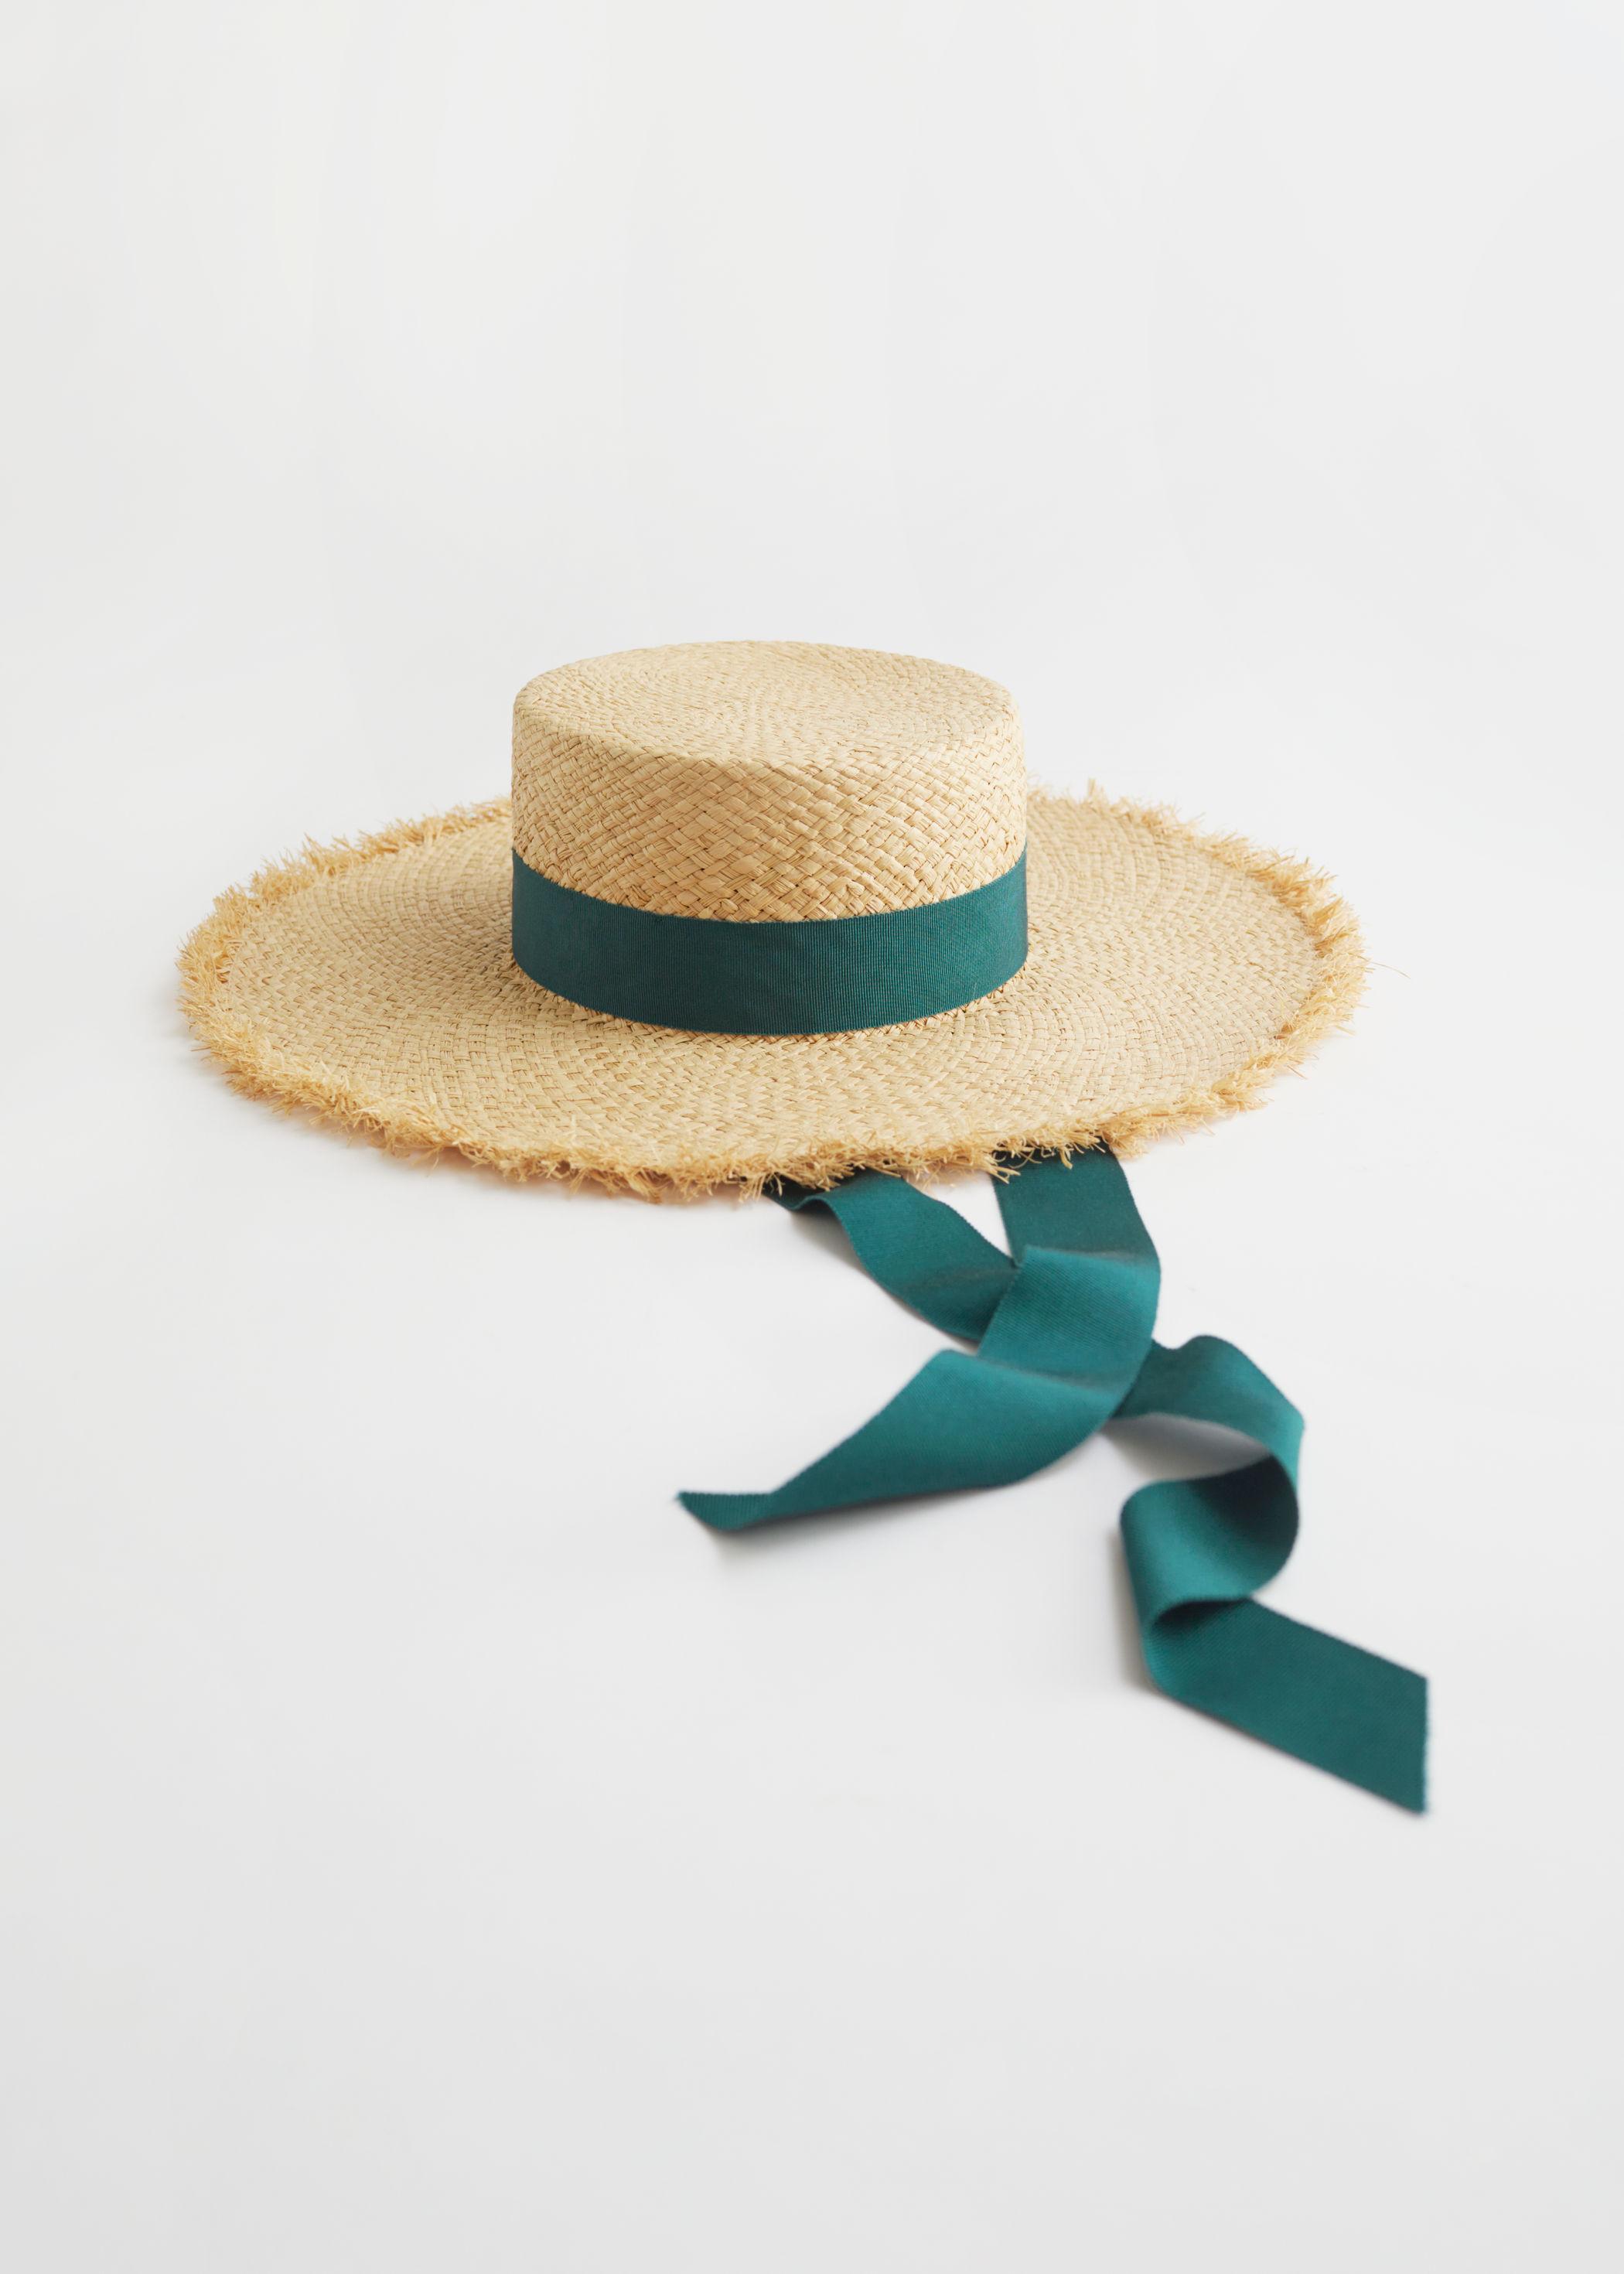 Hatt med grønt bånd